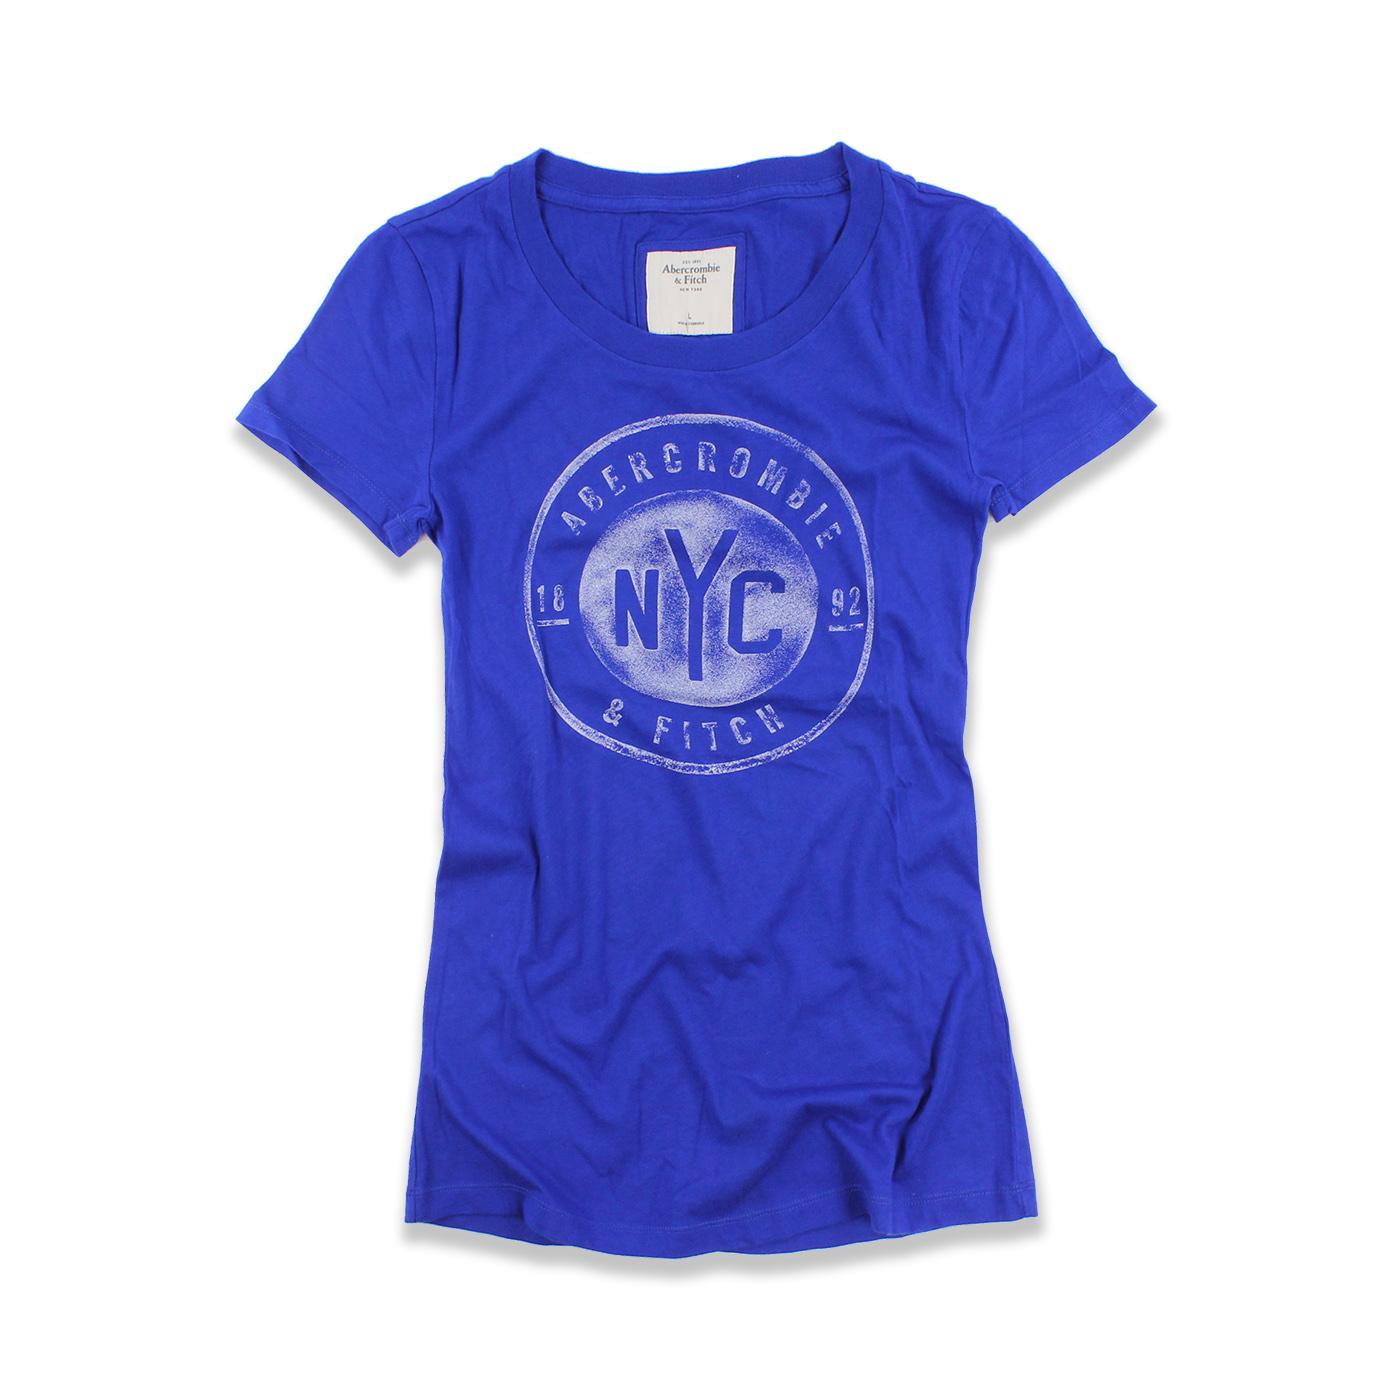 美國百分百【Abercrombie & Fitch】T恤 AF 短袖 短T 麋鹿 NYC 女 寶藍色 L號 F517